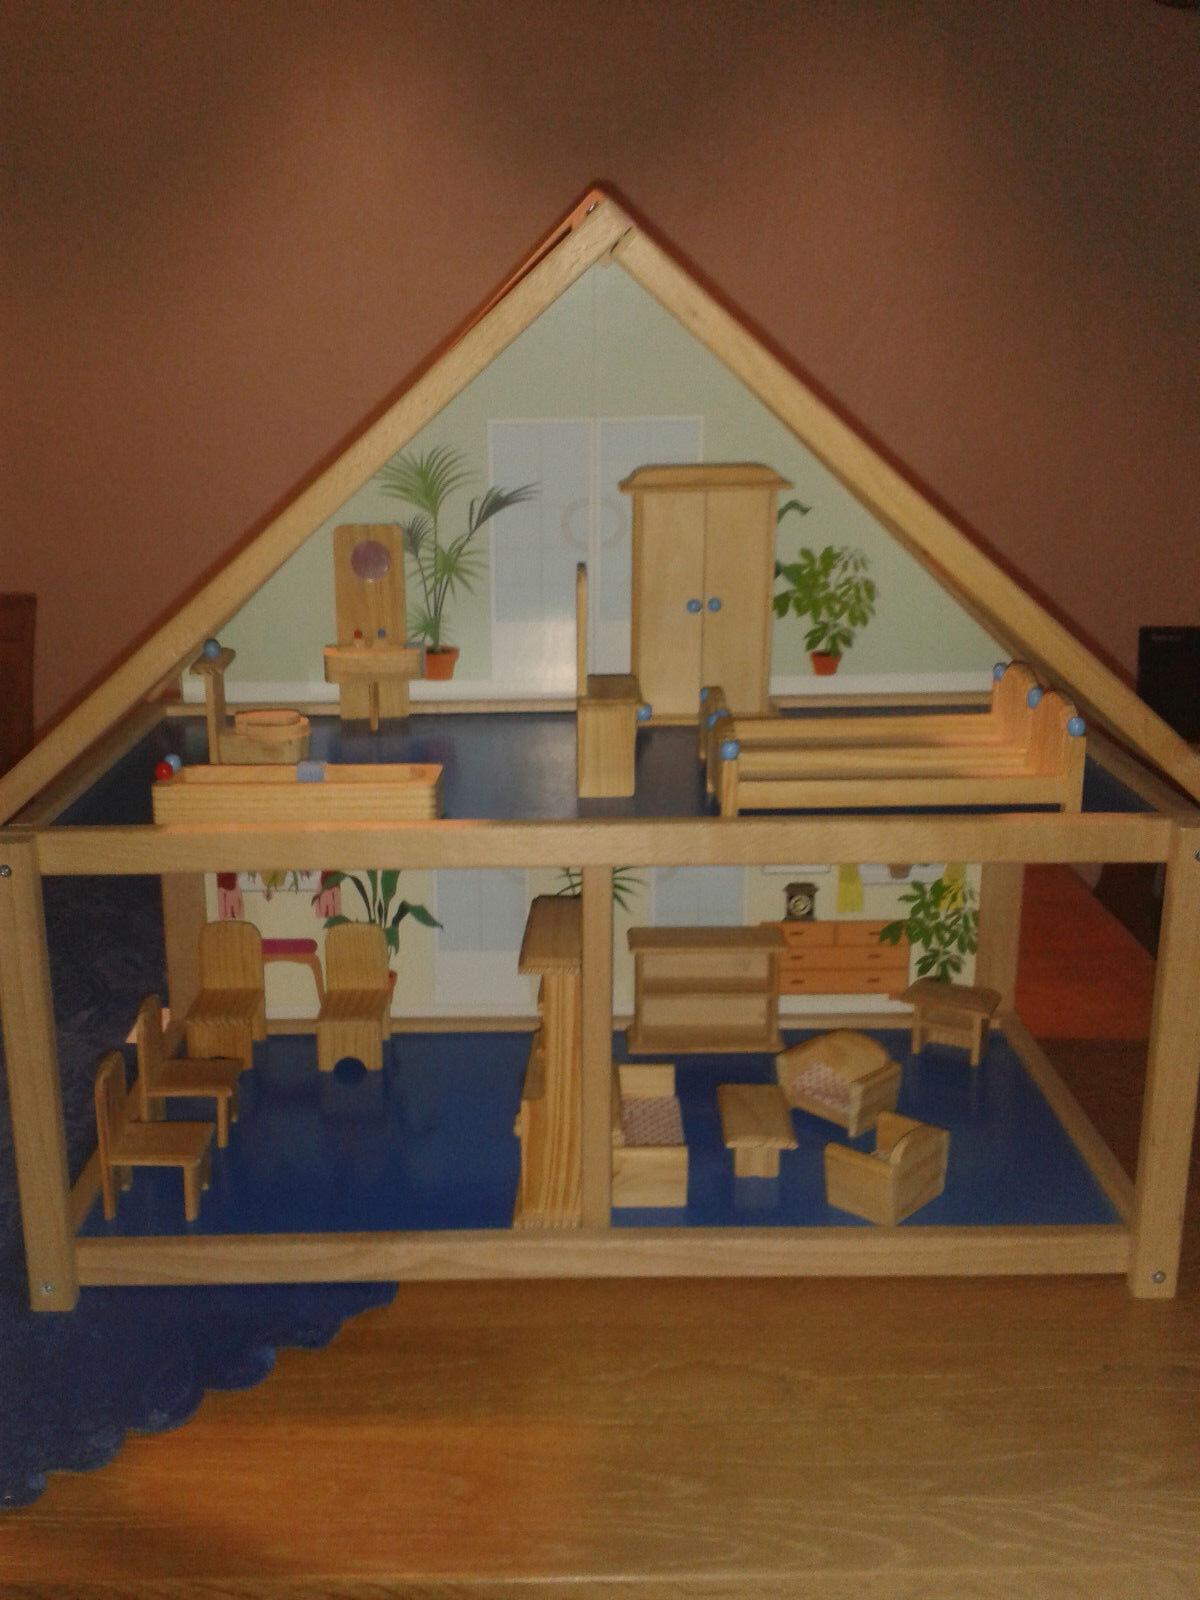 Holz Puppenhaus mit viel Zubehör/Möbel...Sehr gut erhalten